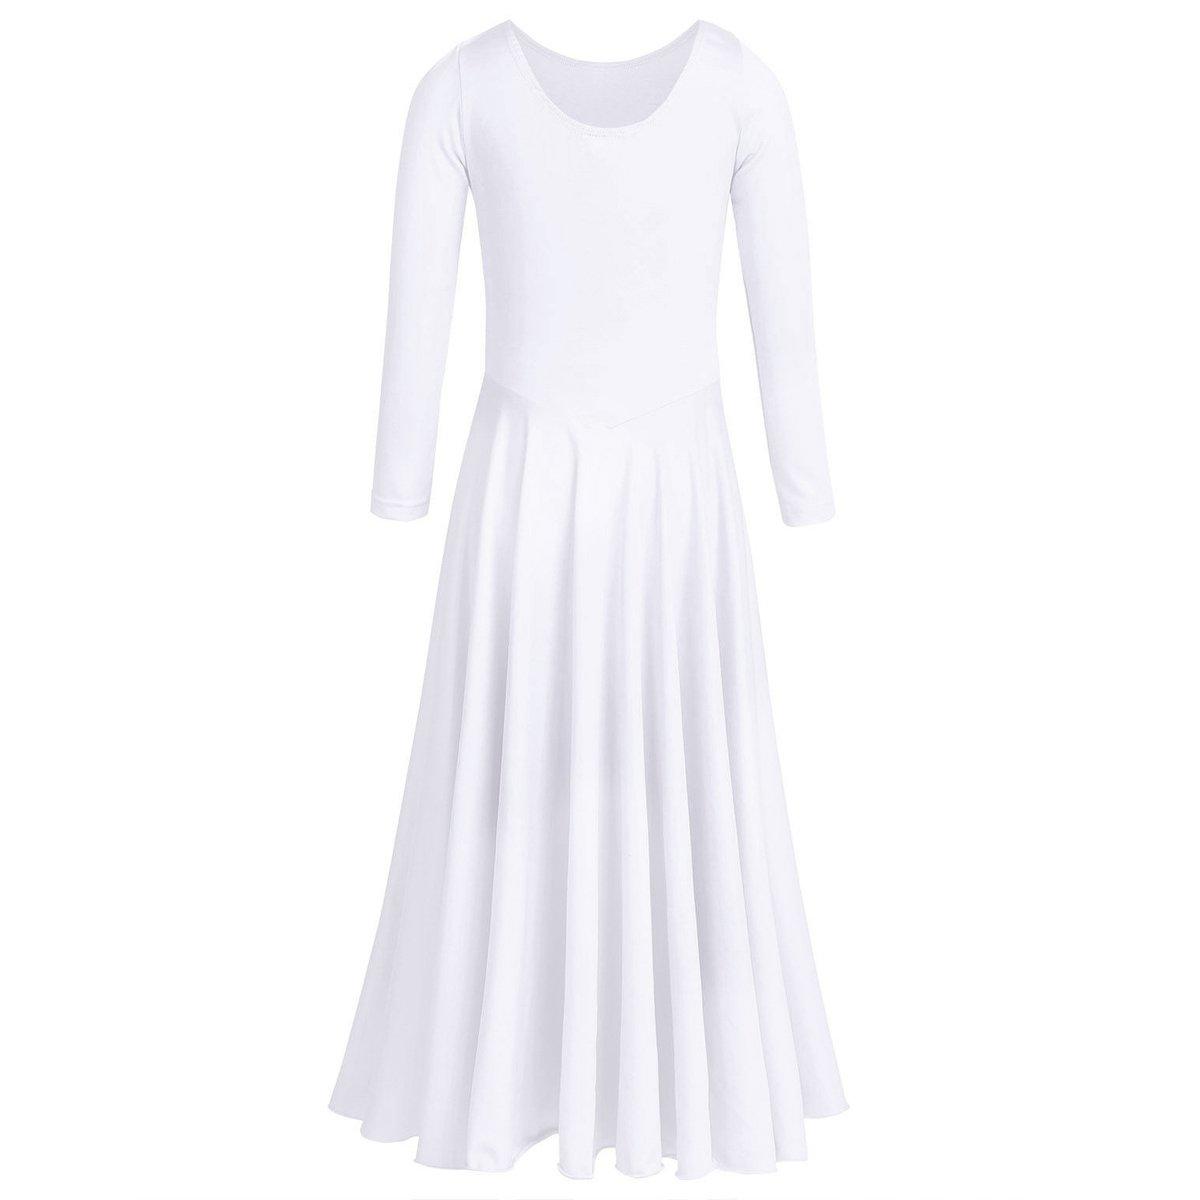 店舗良い OBEEII DRESS ガールズ B07B95Y664 5-6 DRESS ガールズ Years|ホワイト B07B95Y664 ホワイト 5-6 Years, プレミアモード株式会社:20a75fe8 --- a0267596.xsph.ru